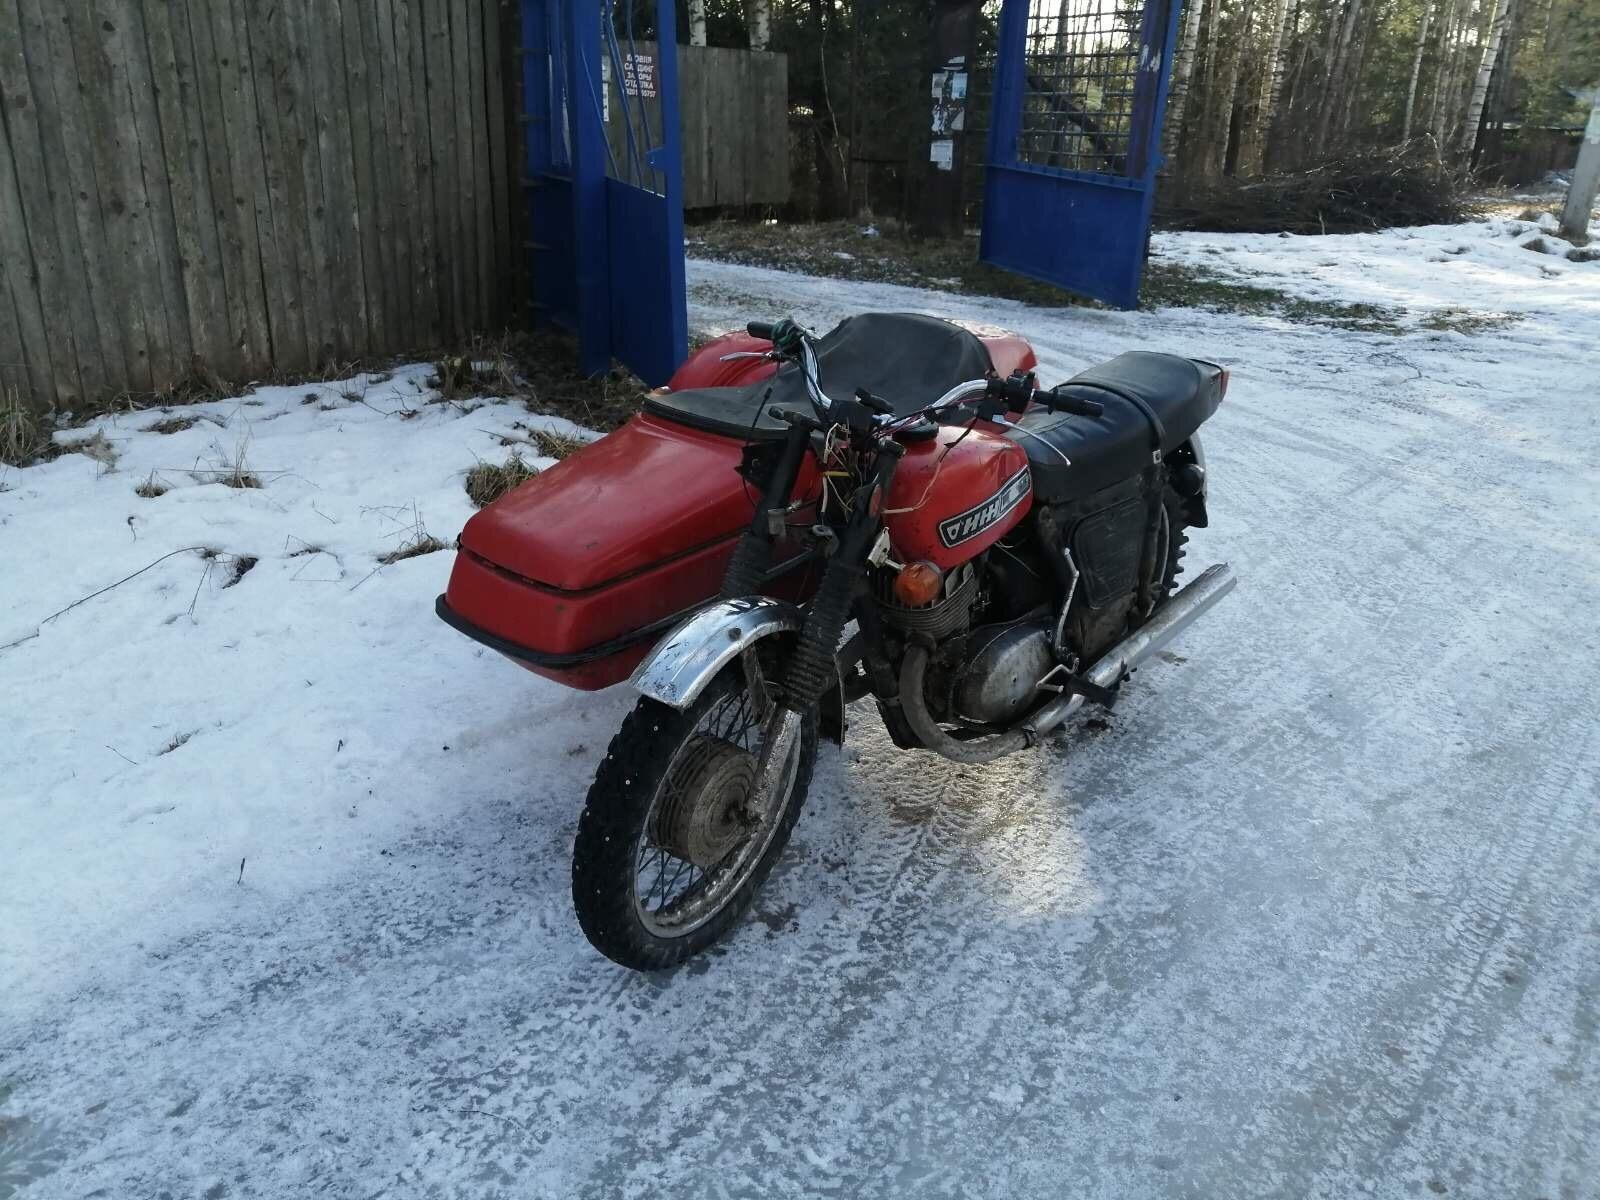 В Твери автоинспекторы отправили на штрафстоянку мотоцикл нарушителя